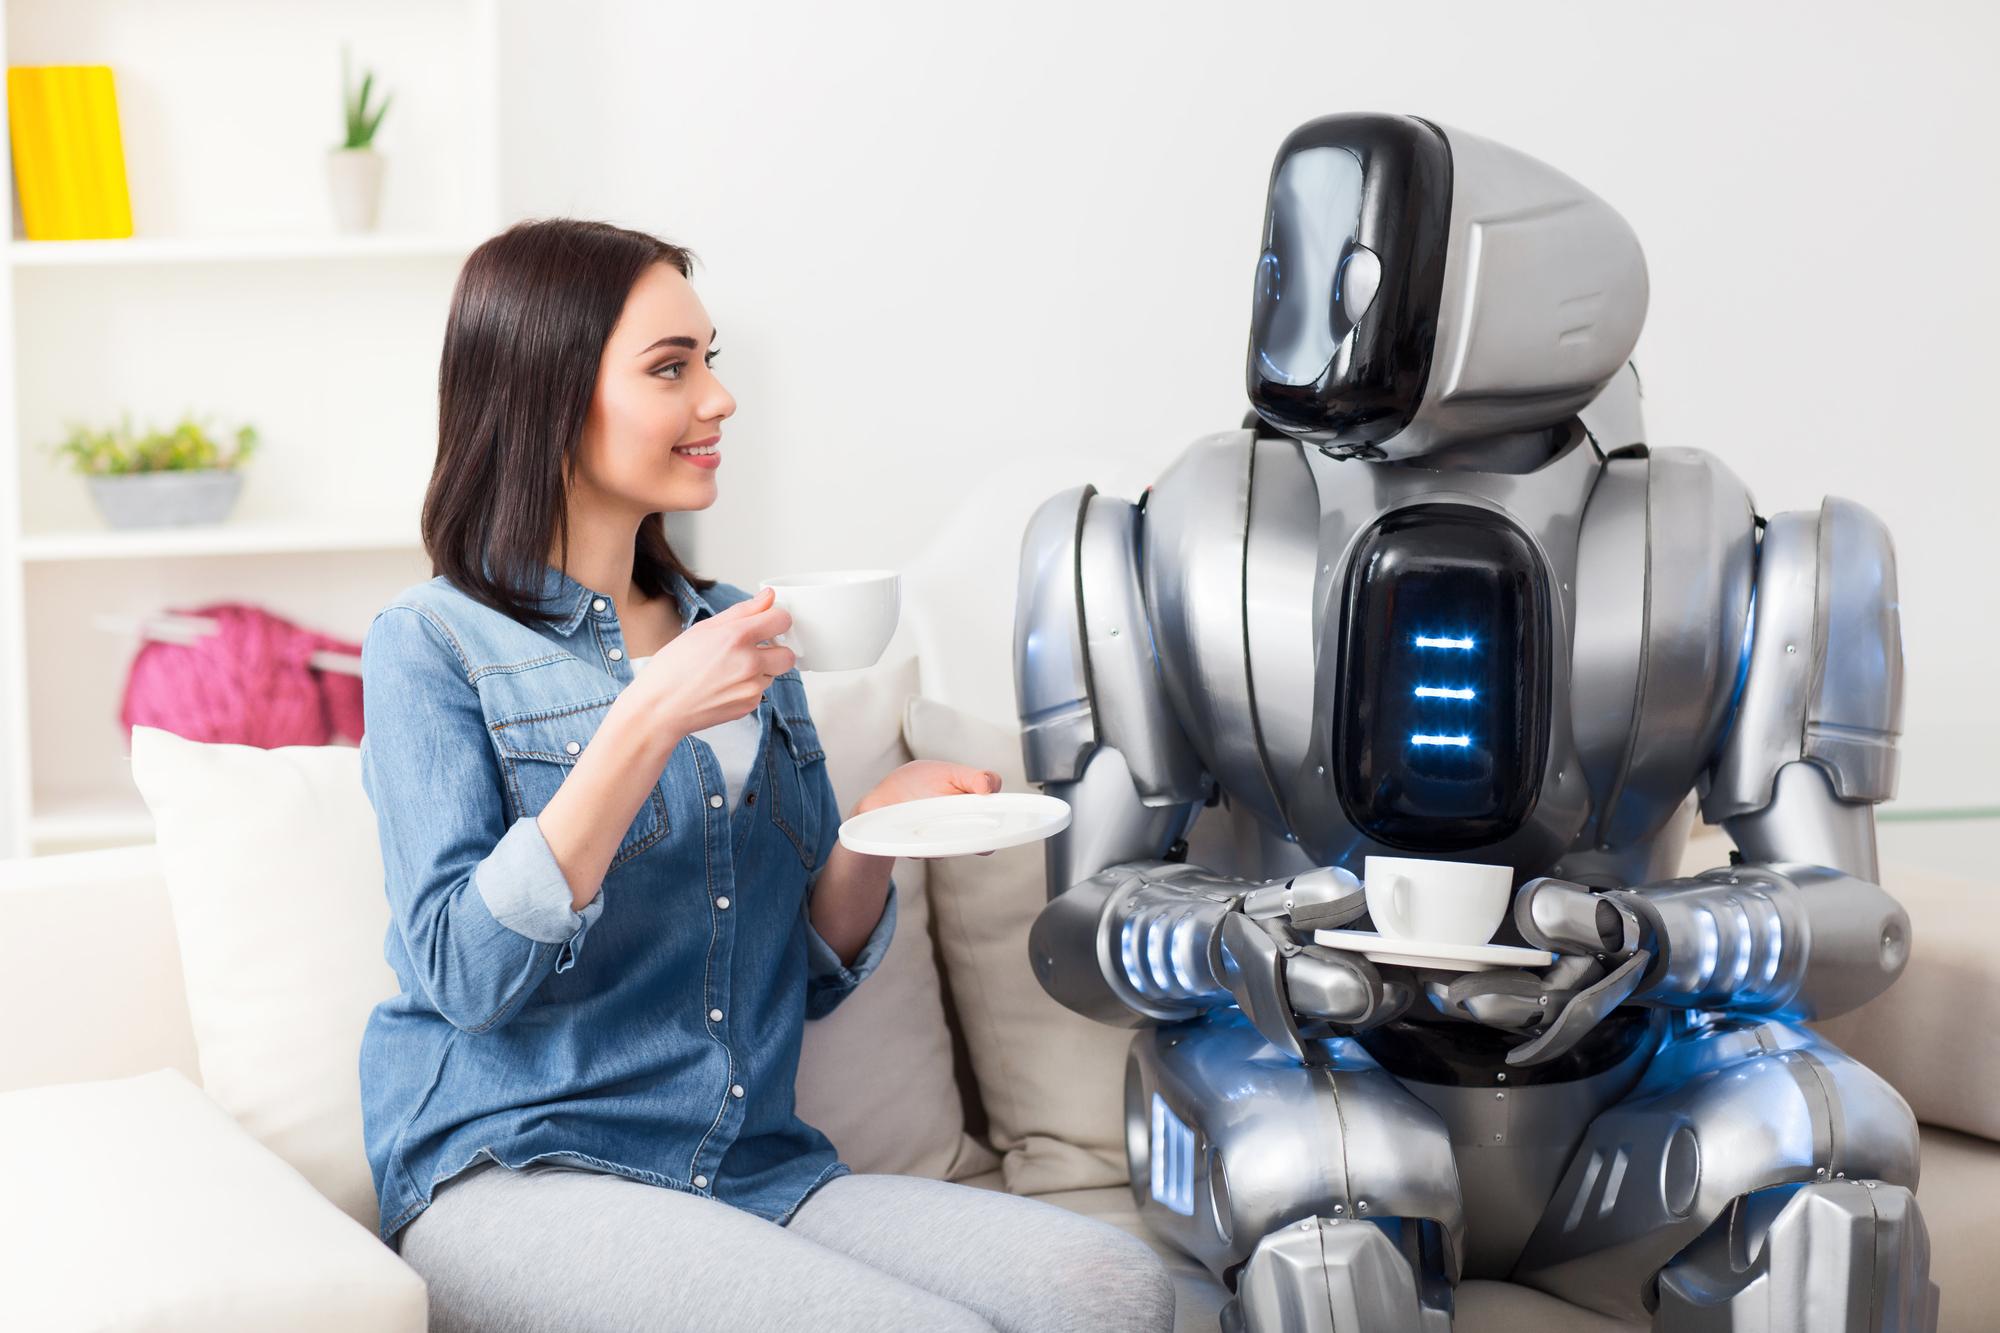 ロボットやaiの進化で仕事が減少する?その前に考えてみた結果 株式会社キャパ Capa Inc